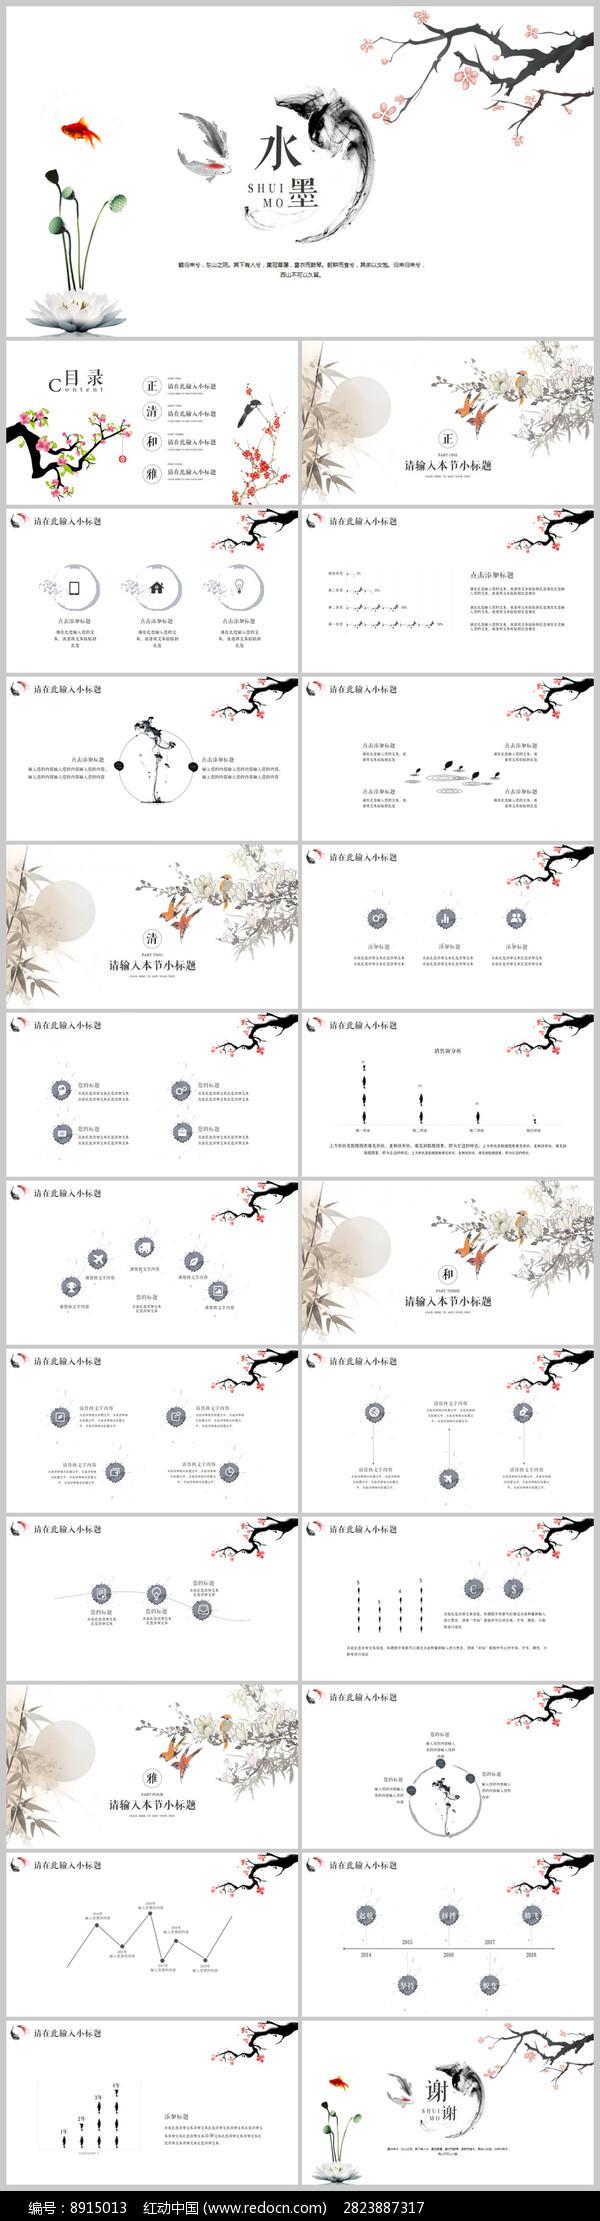 水墨中国风古典PPT素材图片